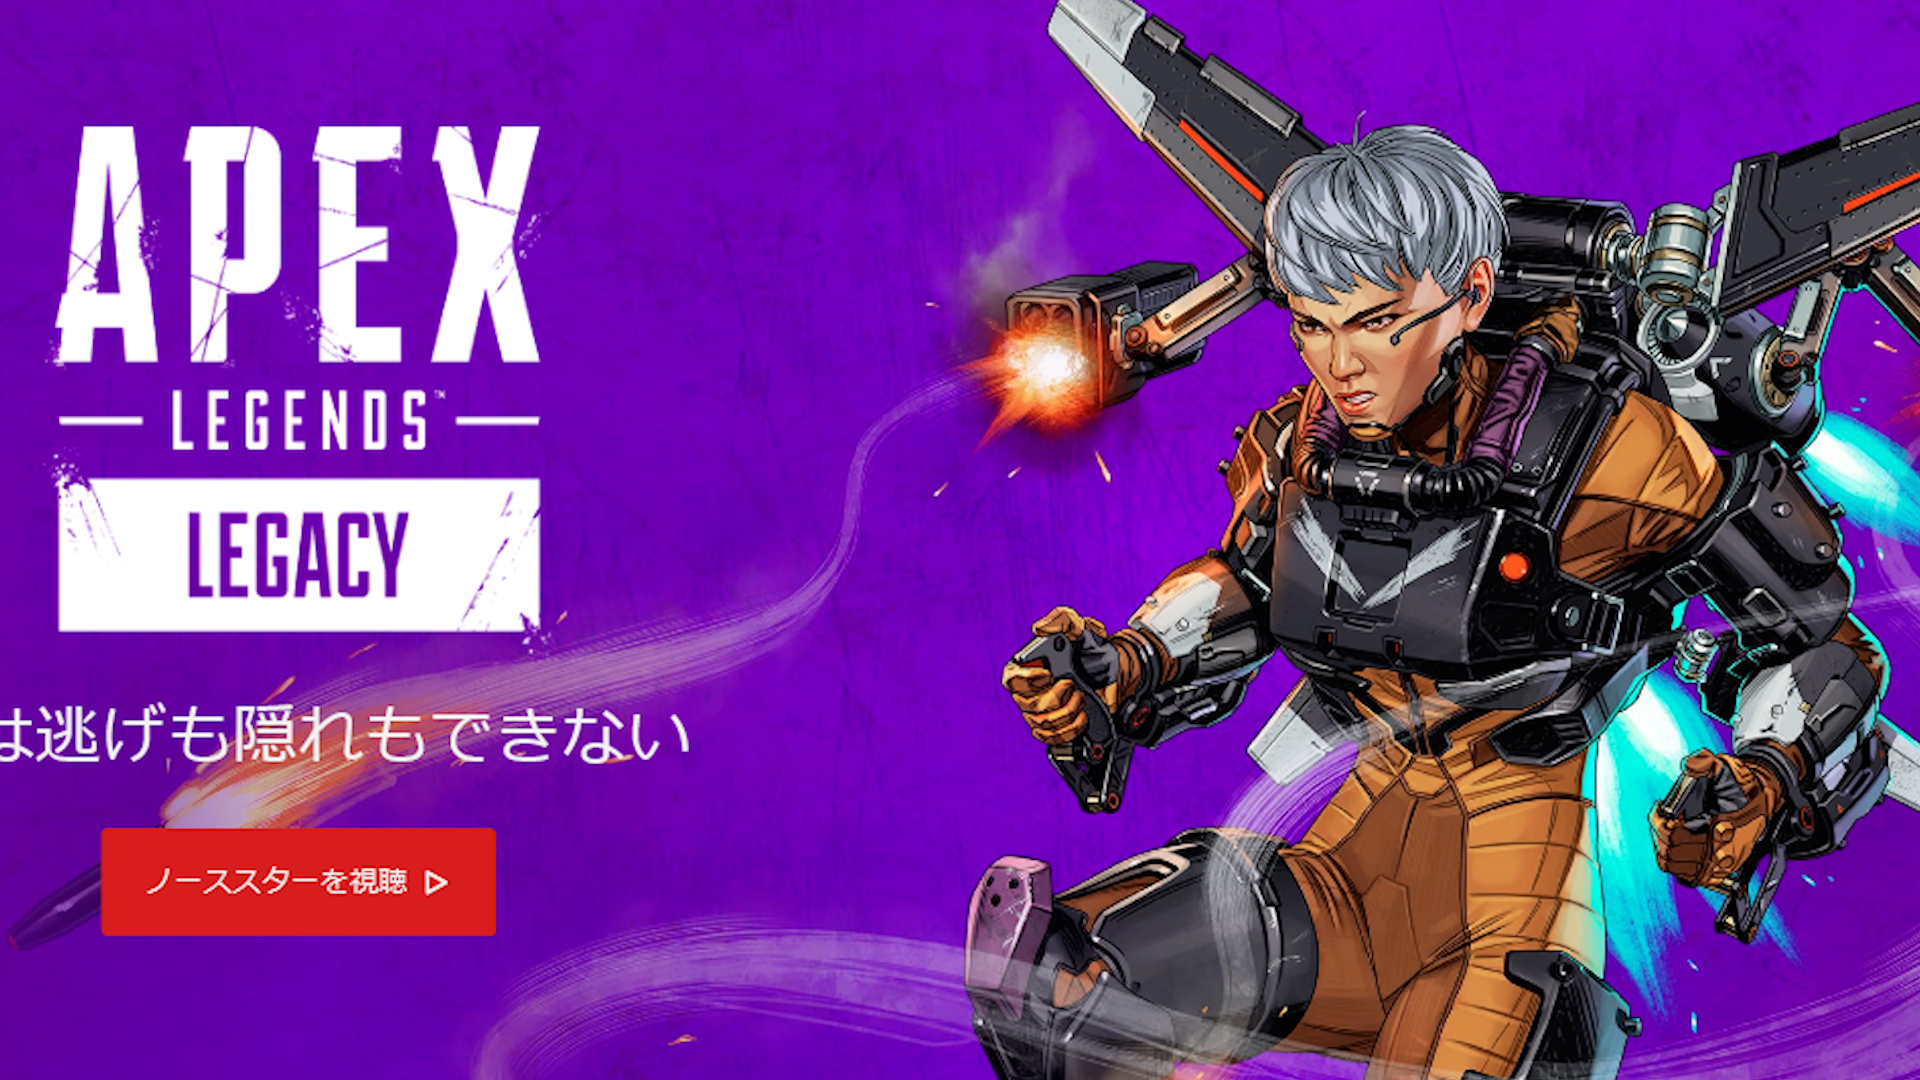 【APEXシーズン9】エーペックスの新シーズンが開幕!!アプデファイル容量はPC「52.78GB」